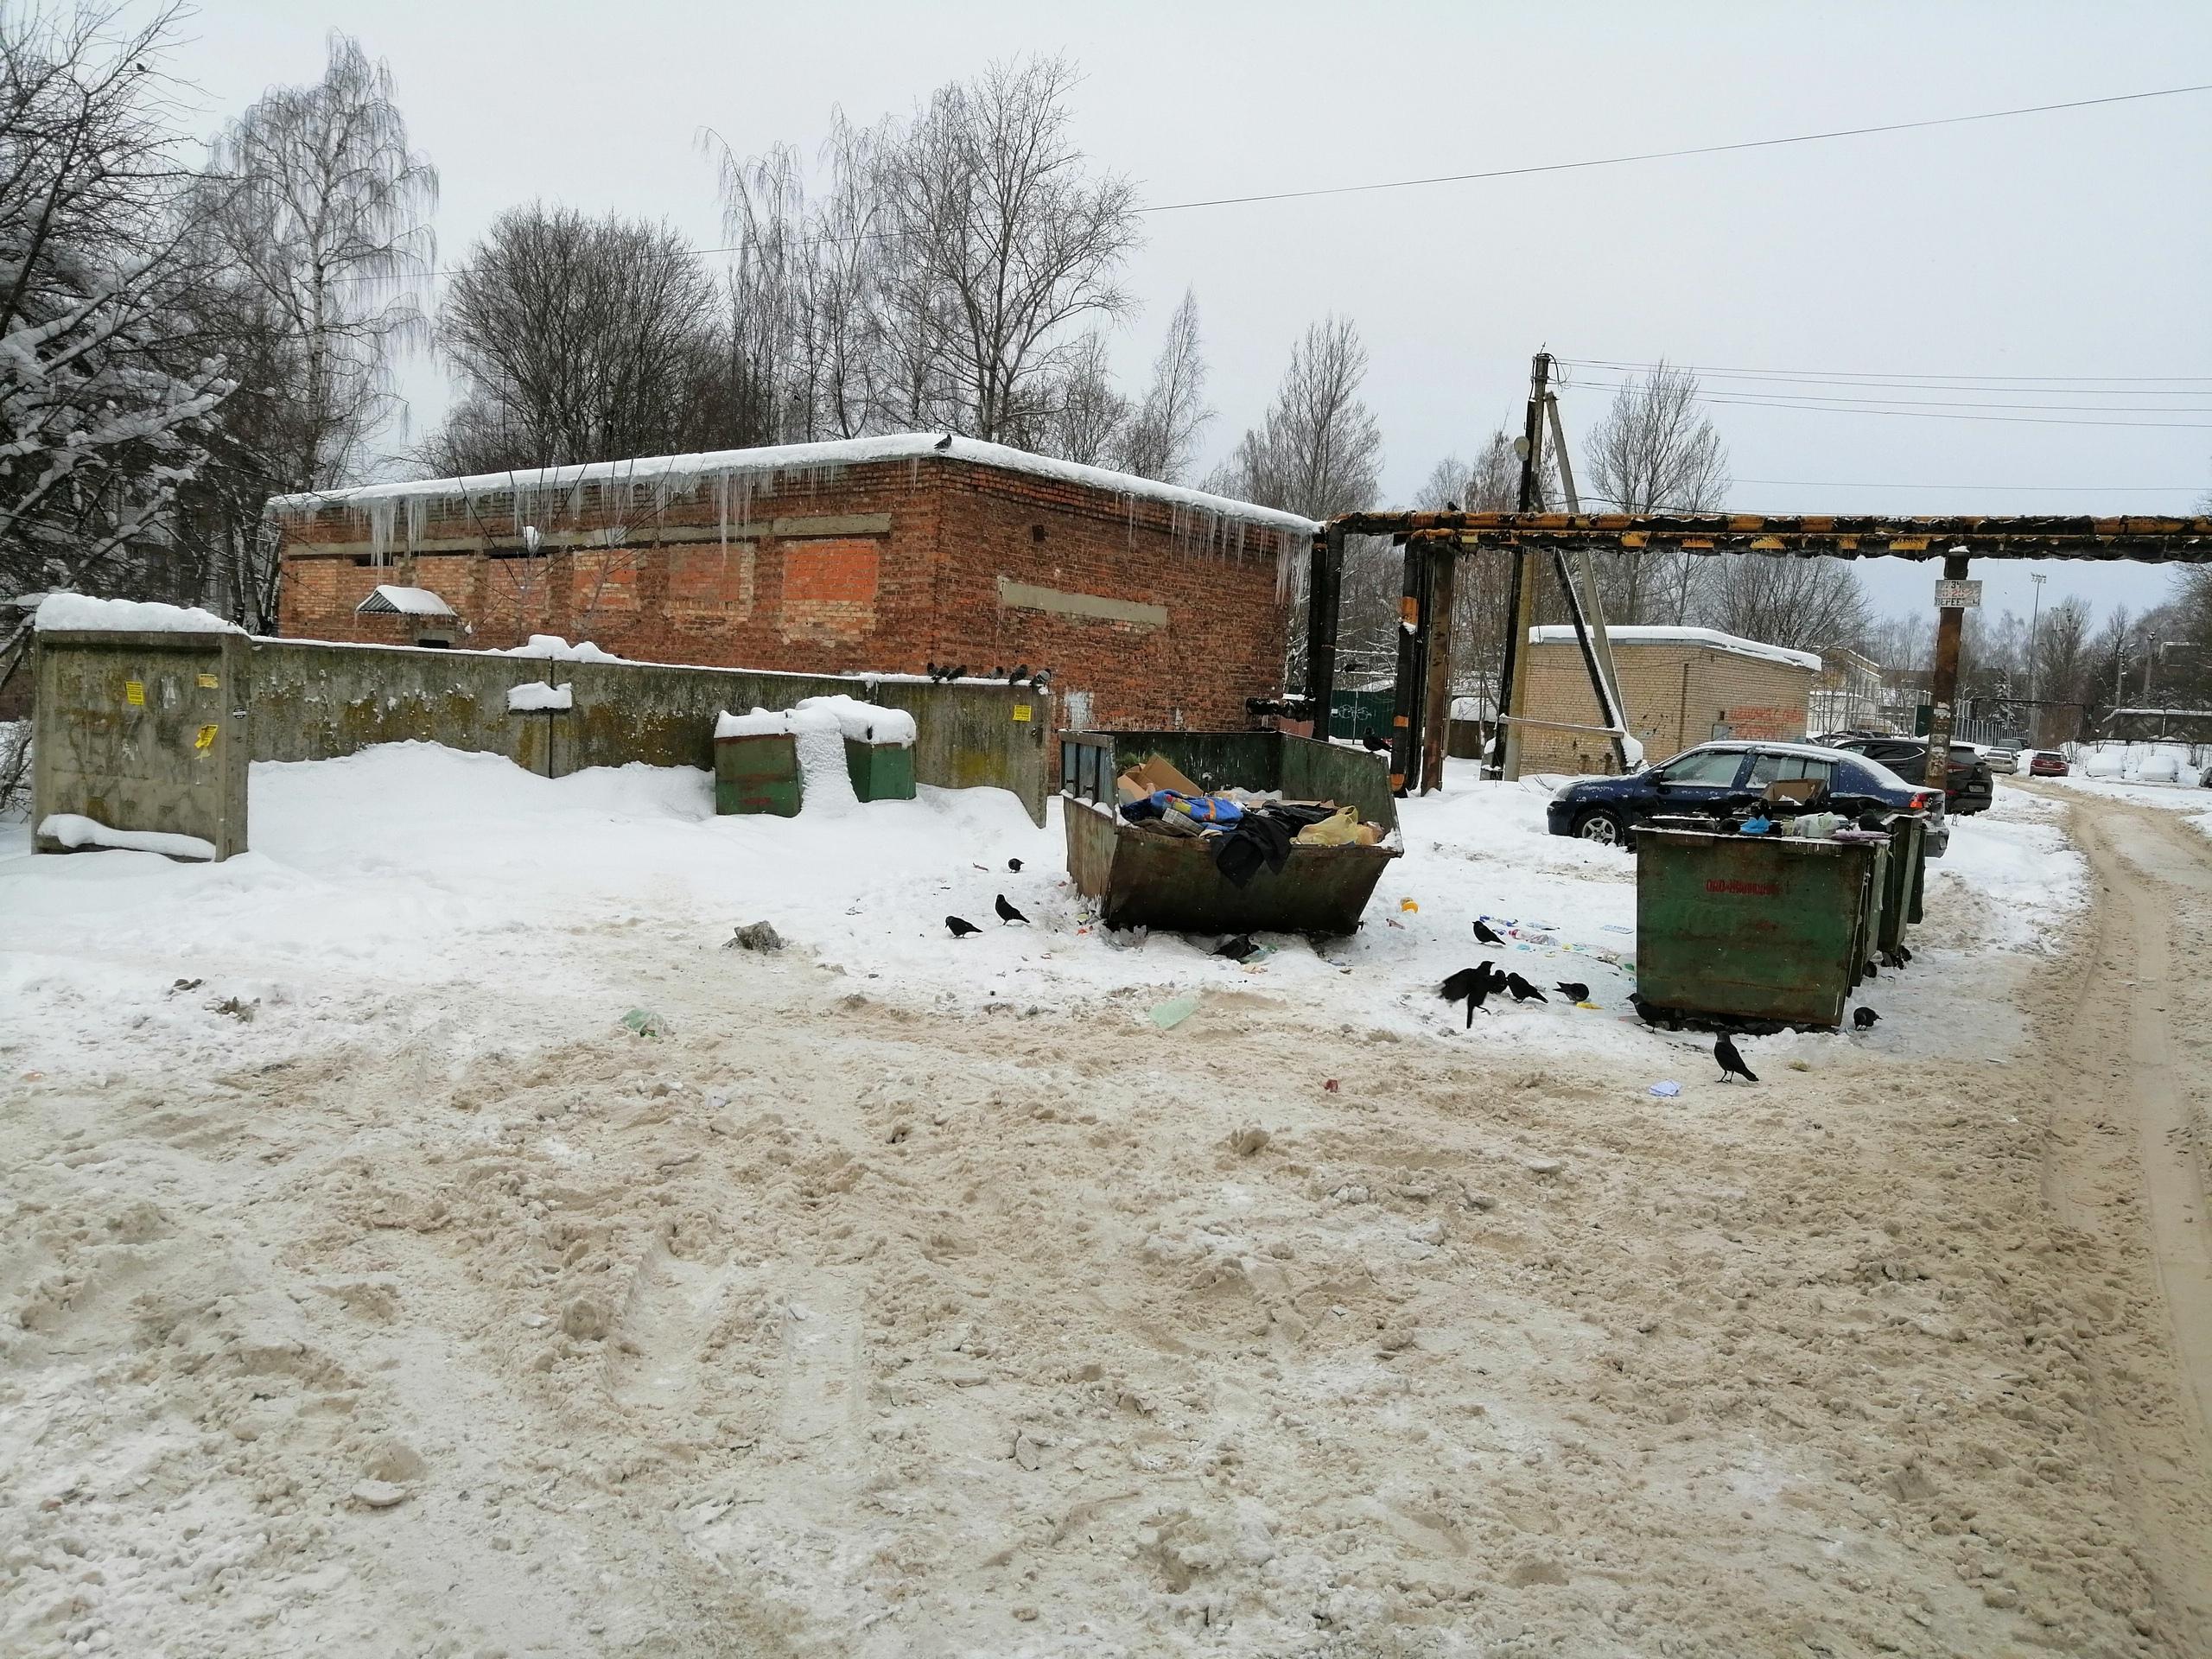 Жители Смоленска продолжают жаловаться на плохую уборку дворов